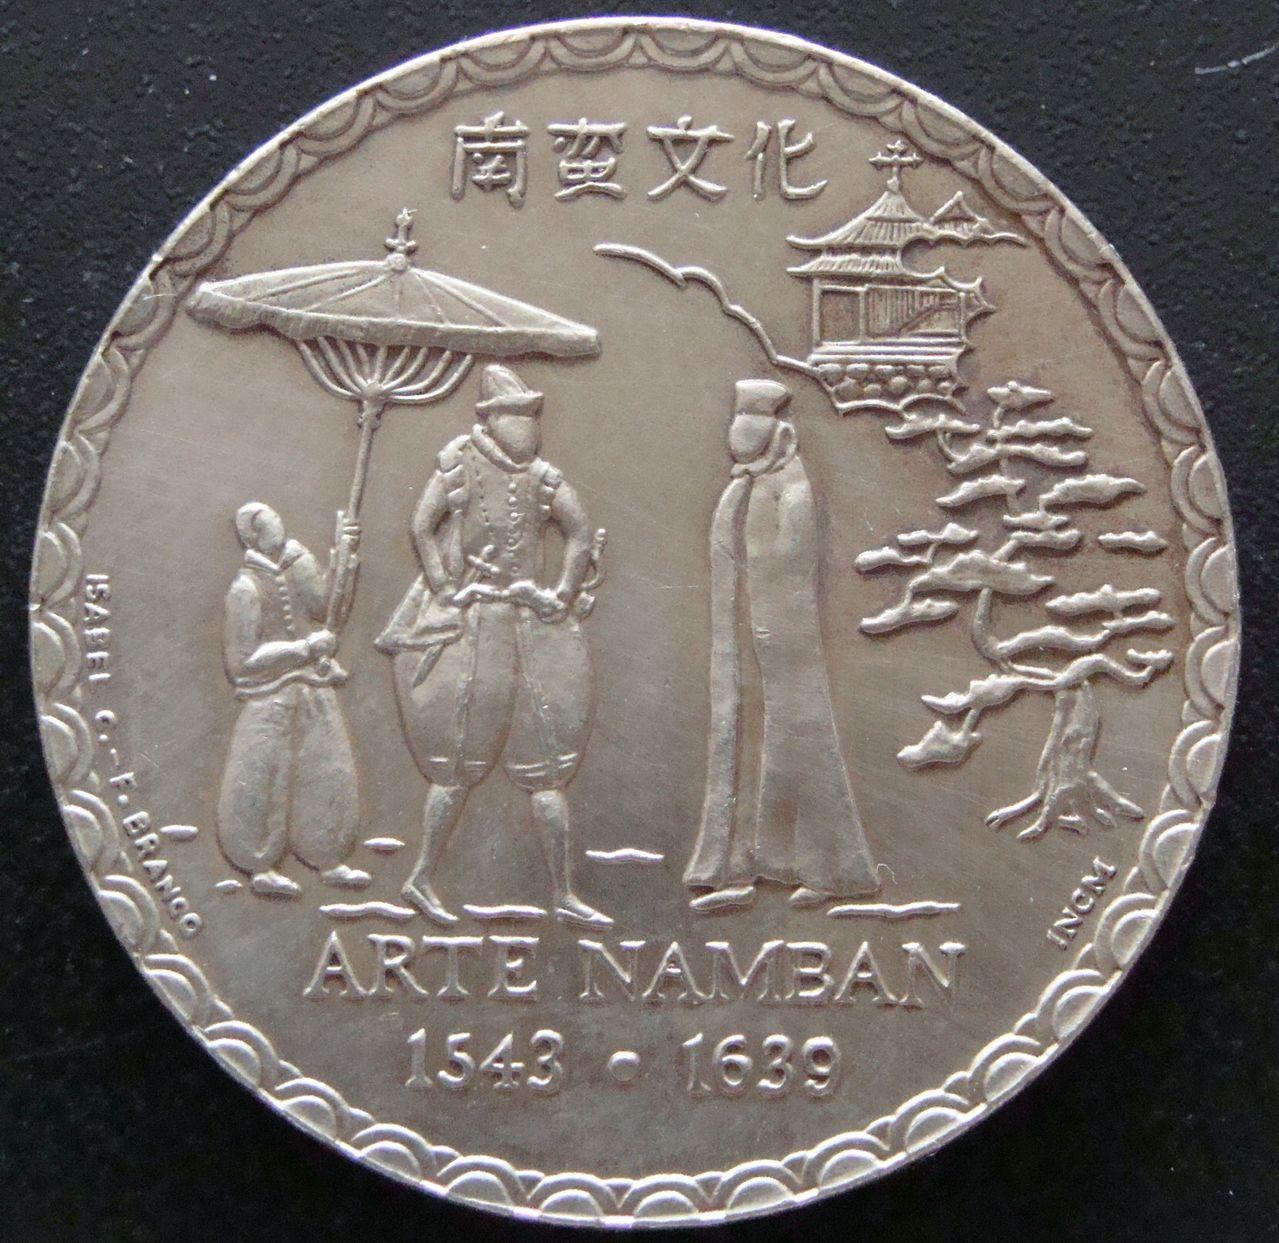 200 Escudos. Portugal (1993) Arte Namban POR_200_Escudos_arte_nambam_rev